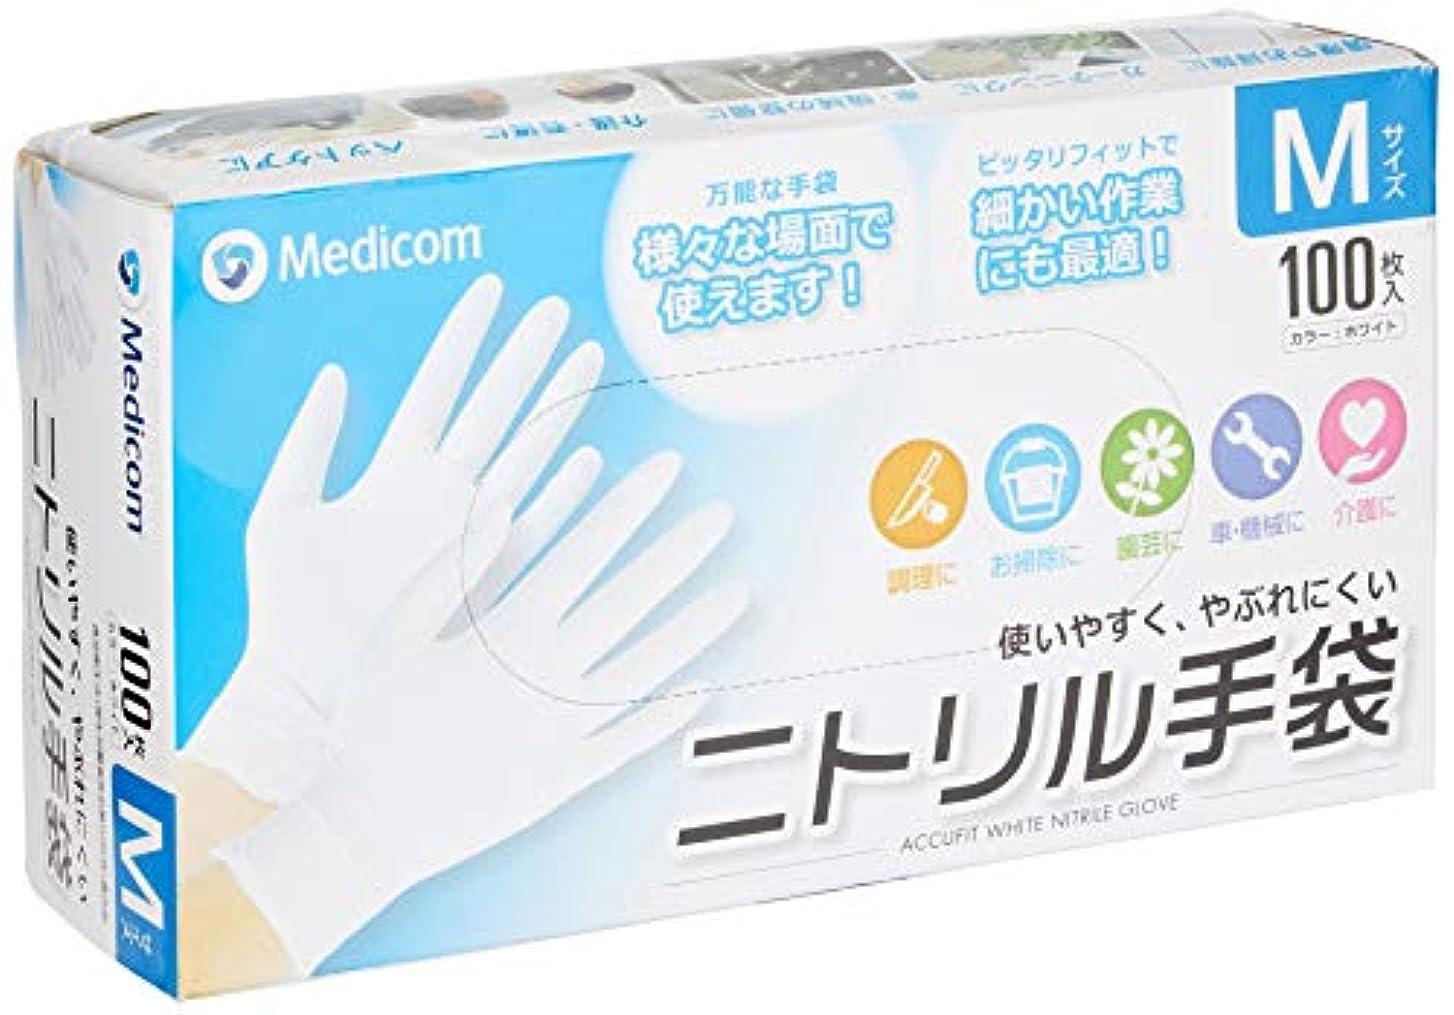 アリーナ実際の尊厳アキュフィット ホワイト ニトリル手袋 Mサイズ ACFJN1284C